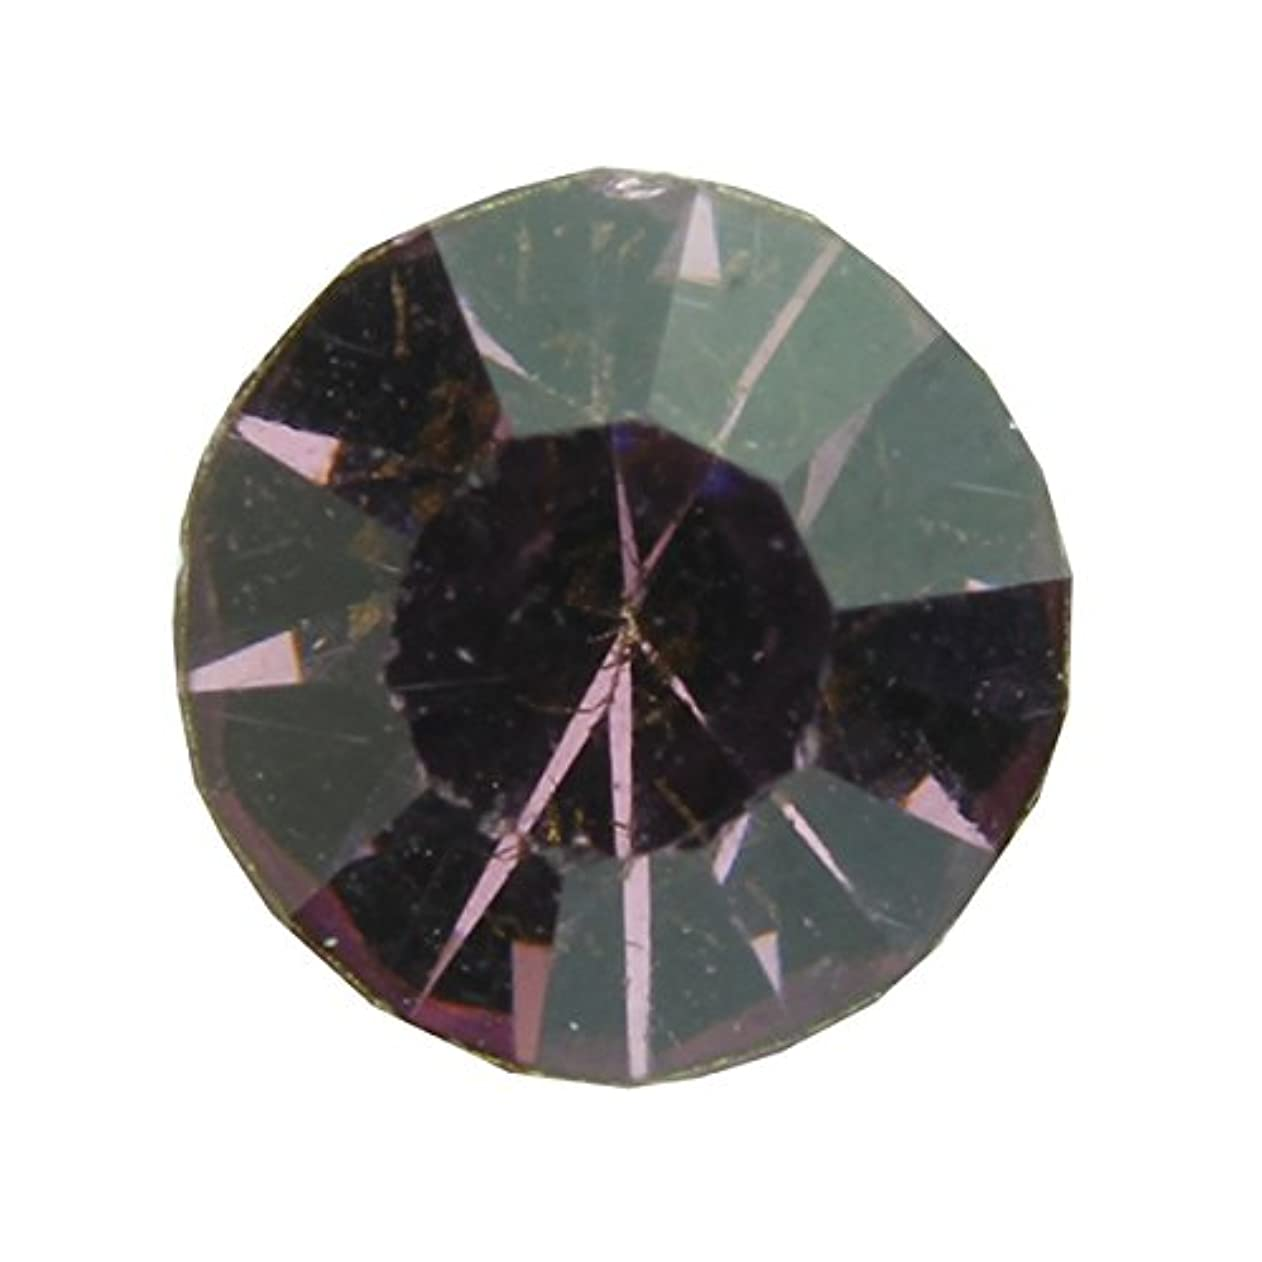 温度計電報超高層ビルアクリルストーンVカット ss12(約3.0mm)(30個入り) アメジスト